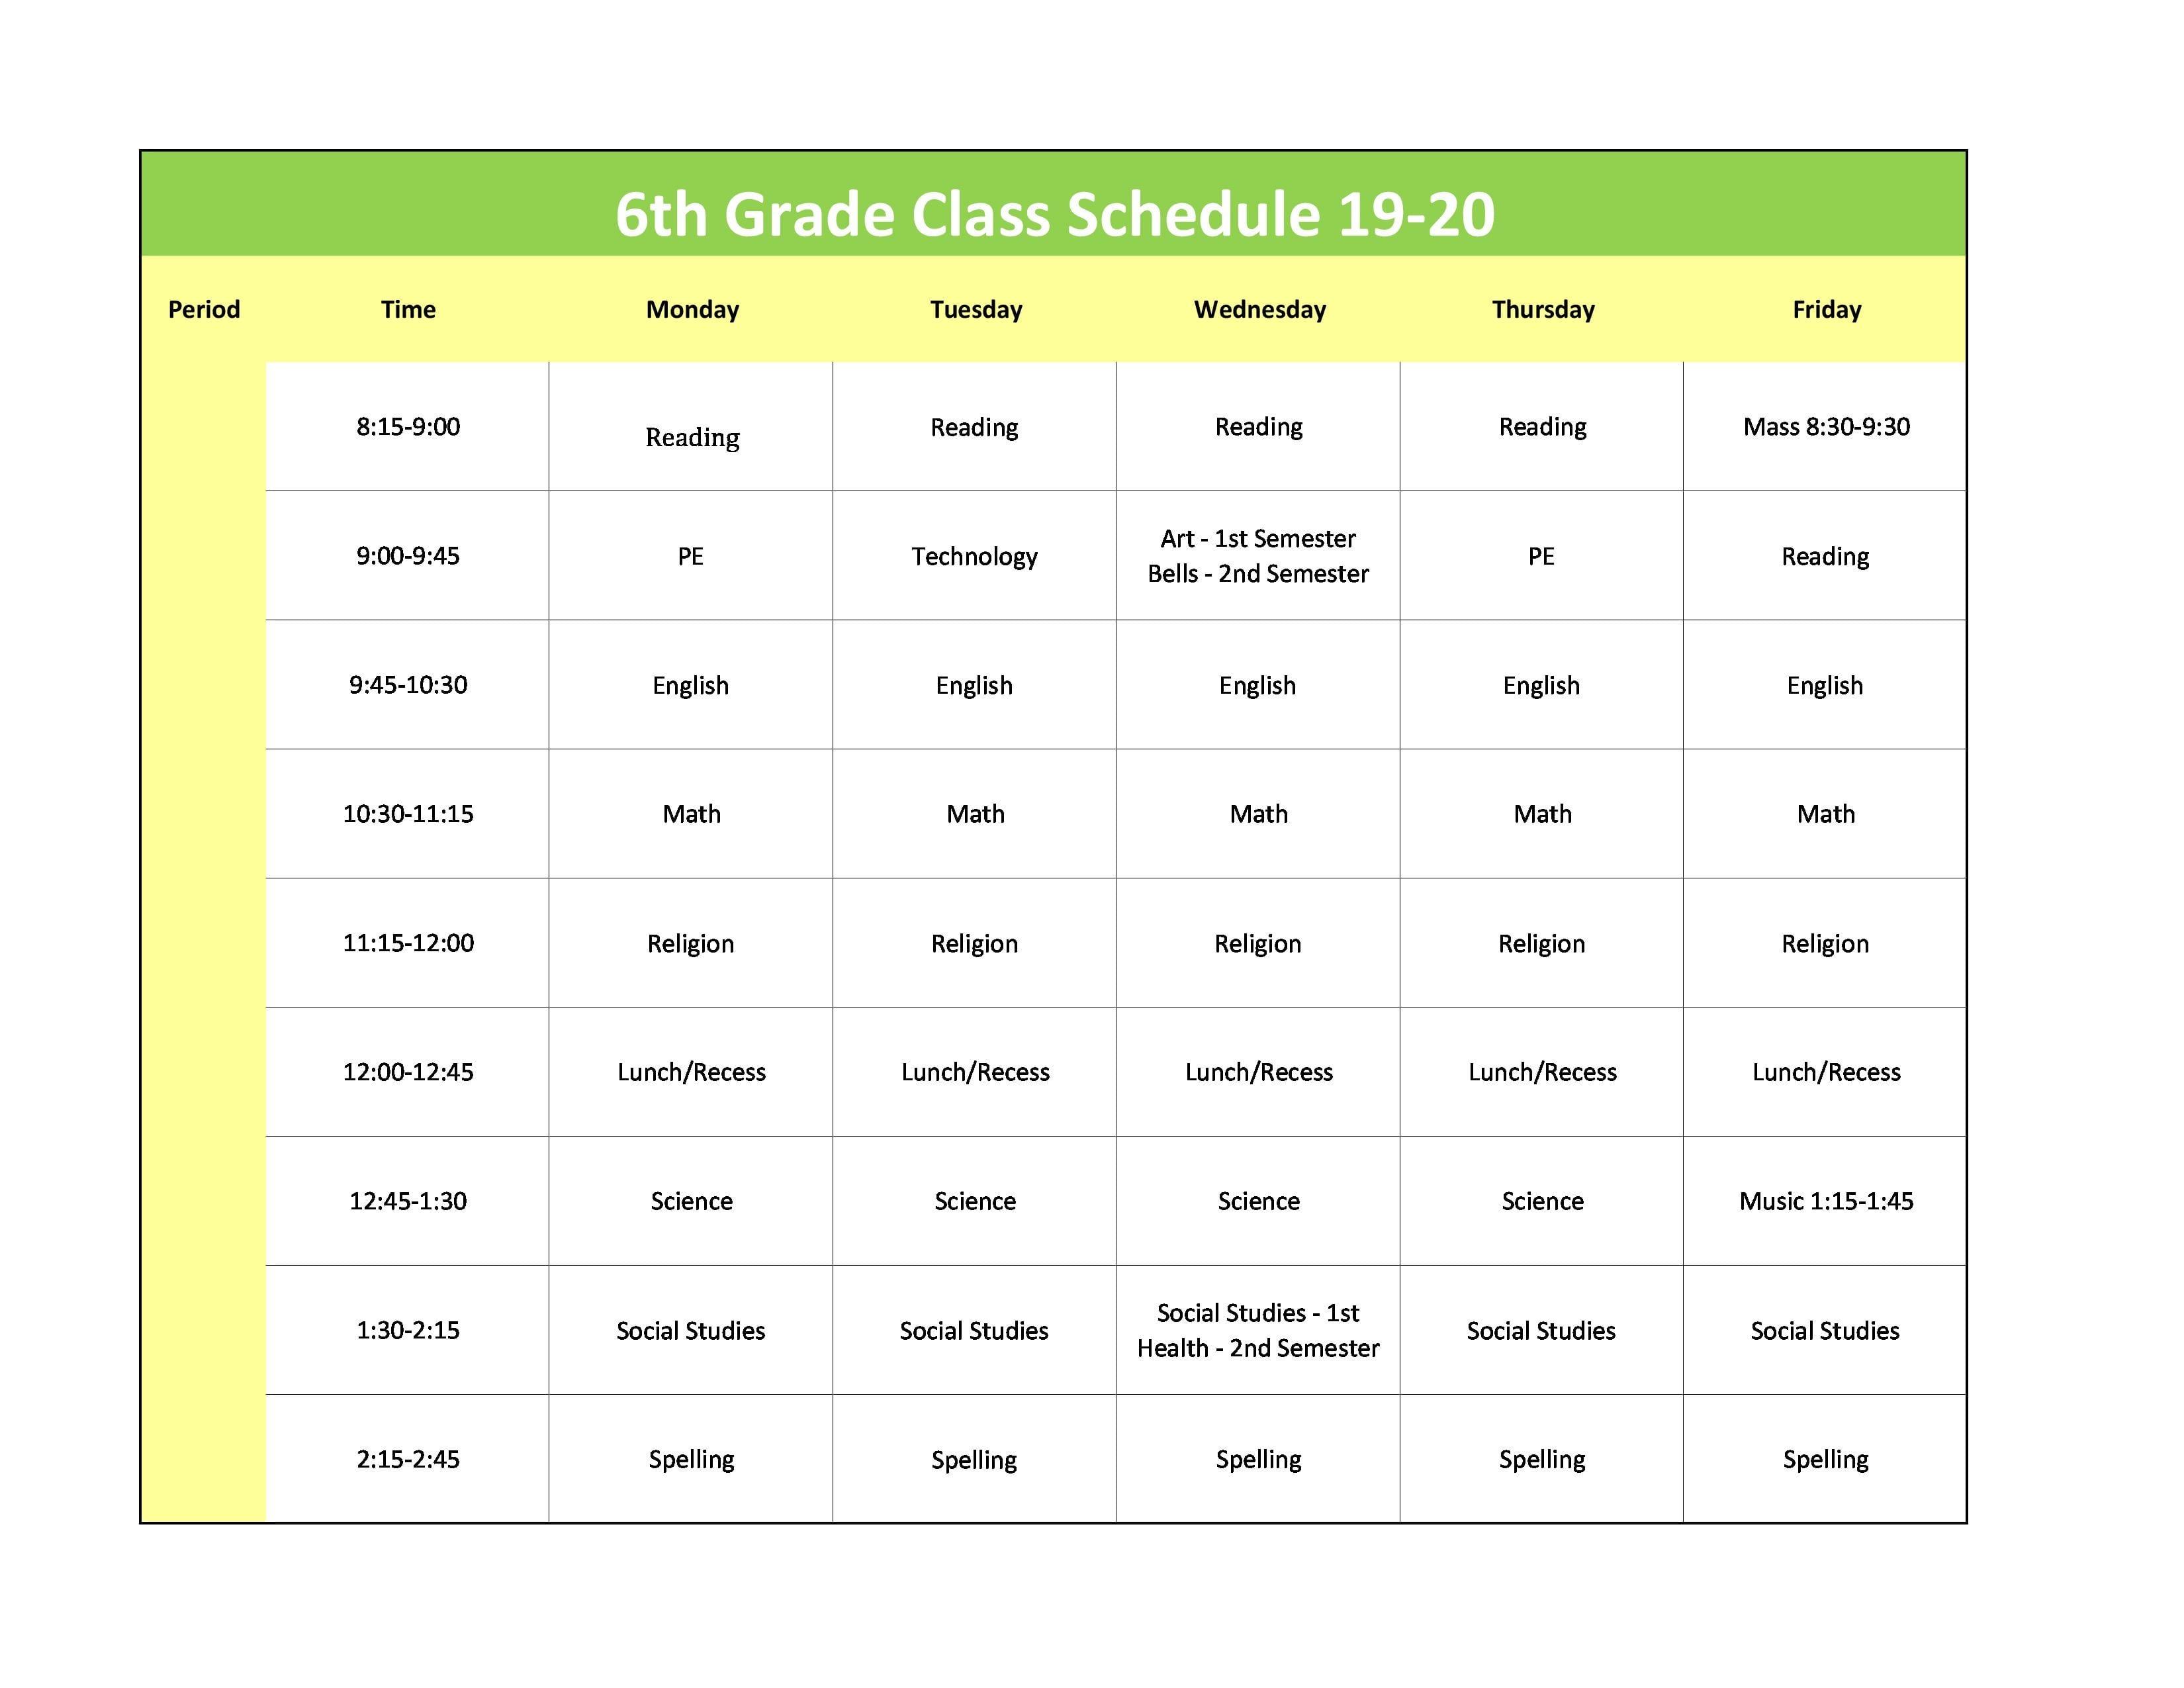 6th Grade Class Schedule 19 20